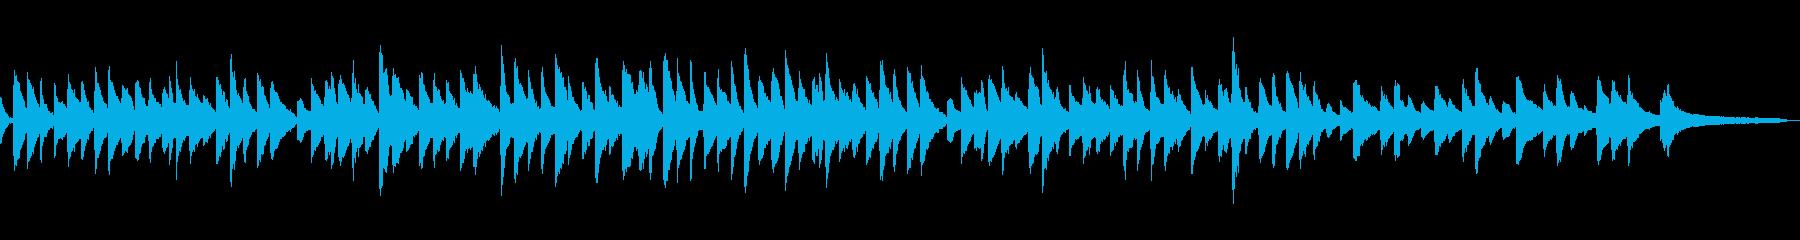 ゆったり安らぎの美しい旋律のピアノワルツの再生済みの波形